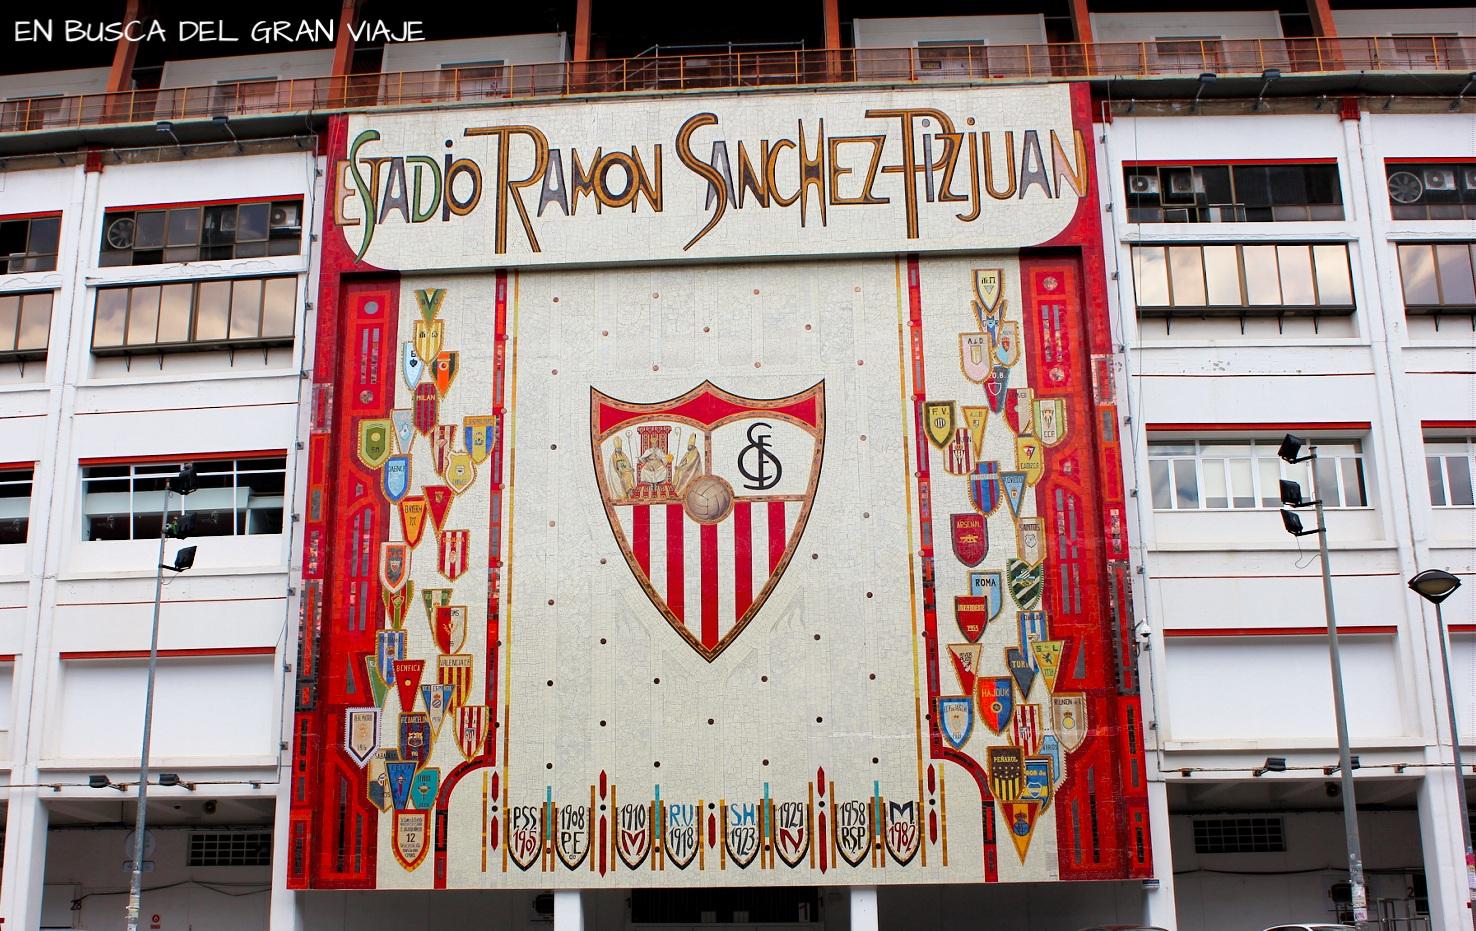 Entrada del estadio del Ramón Sanchez Pizjuan